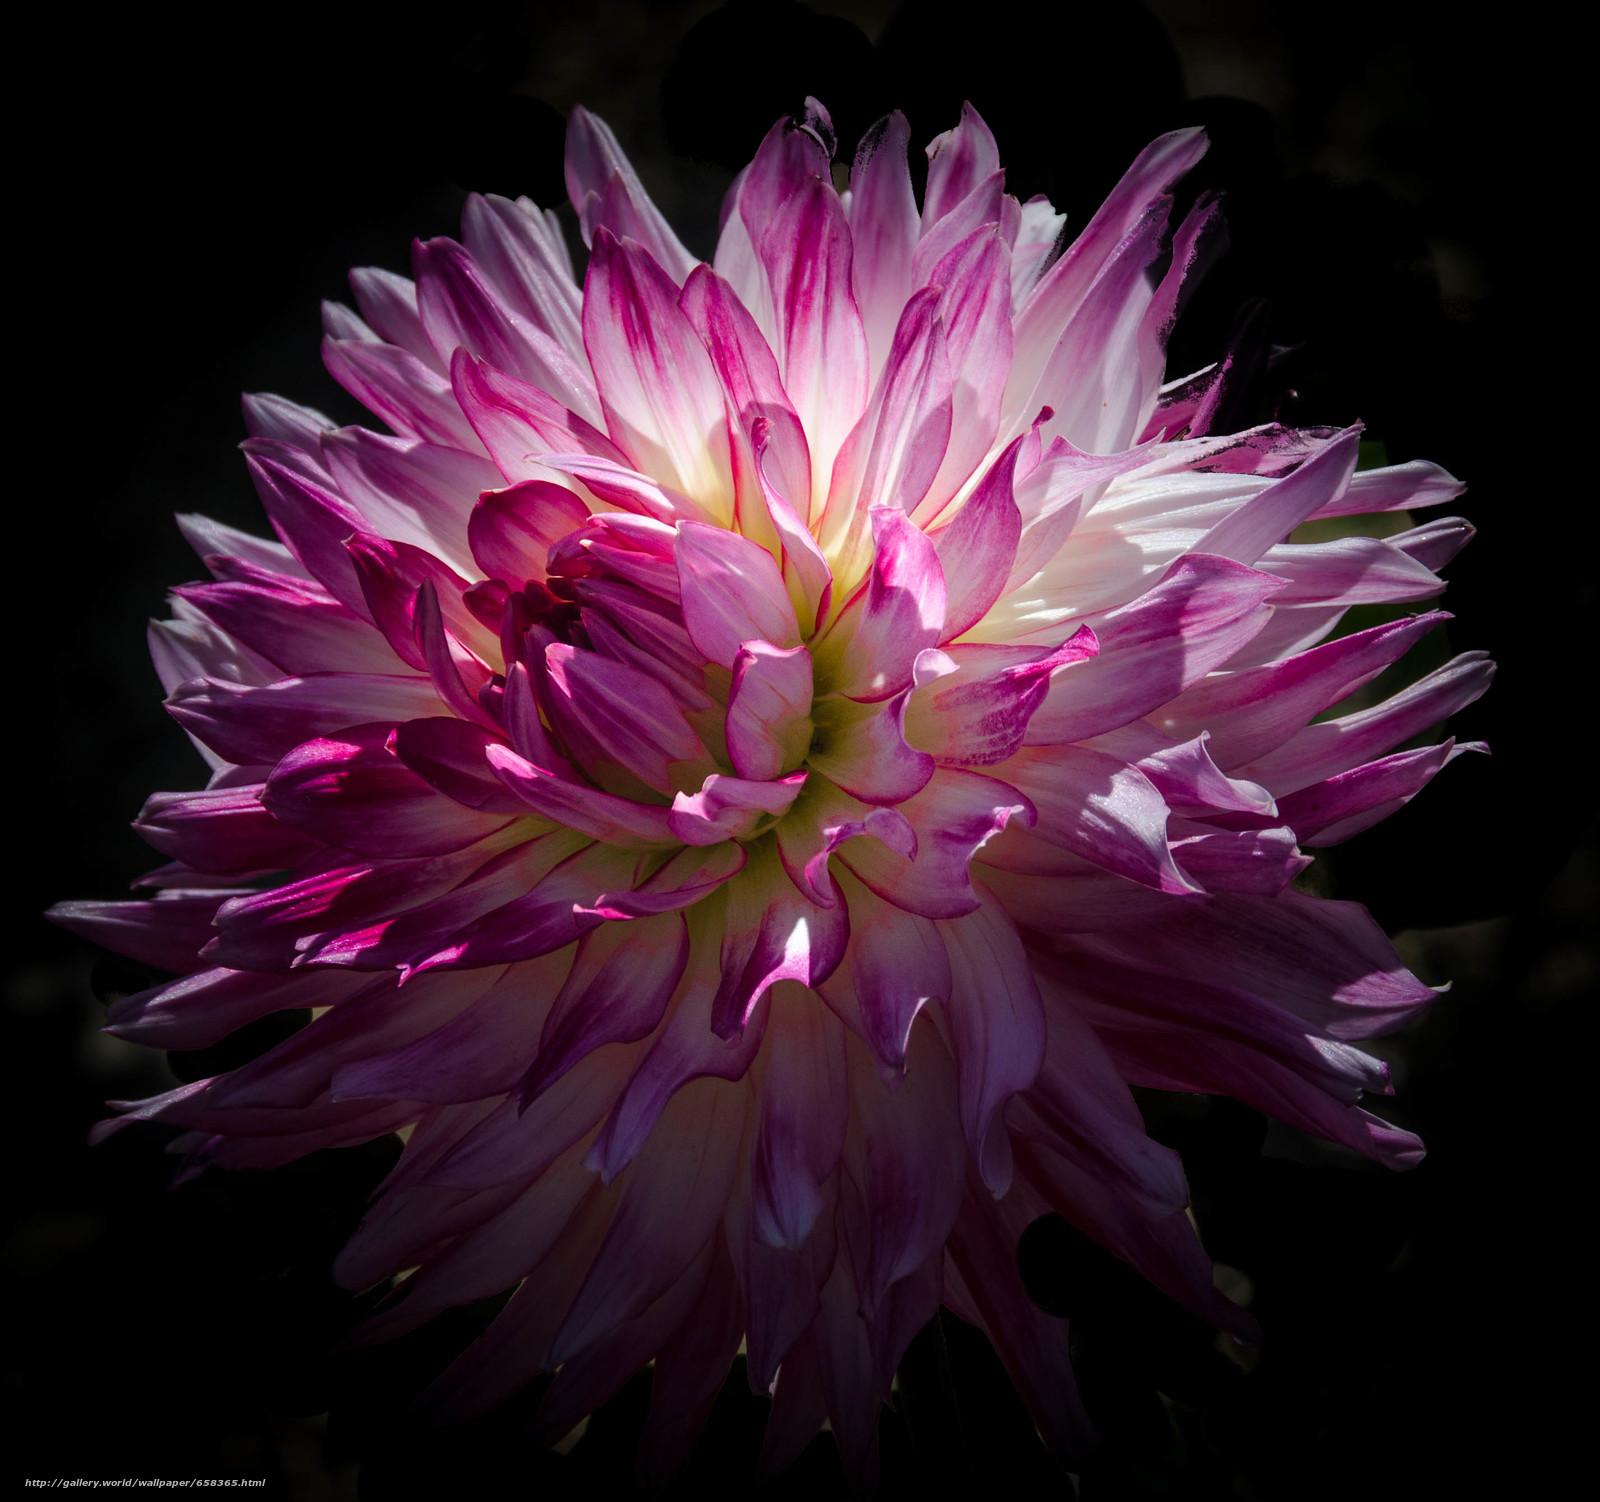 Скачать обои цветок,  цветы,  флора,  георгин бесплатно для рабочего стола в разрешении 2853x2679 — картинка №658365